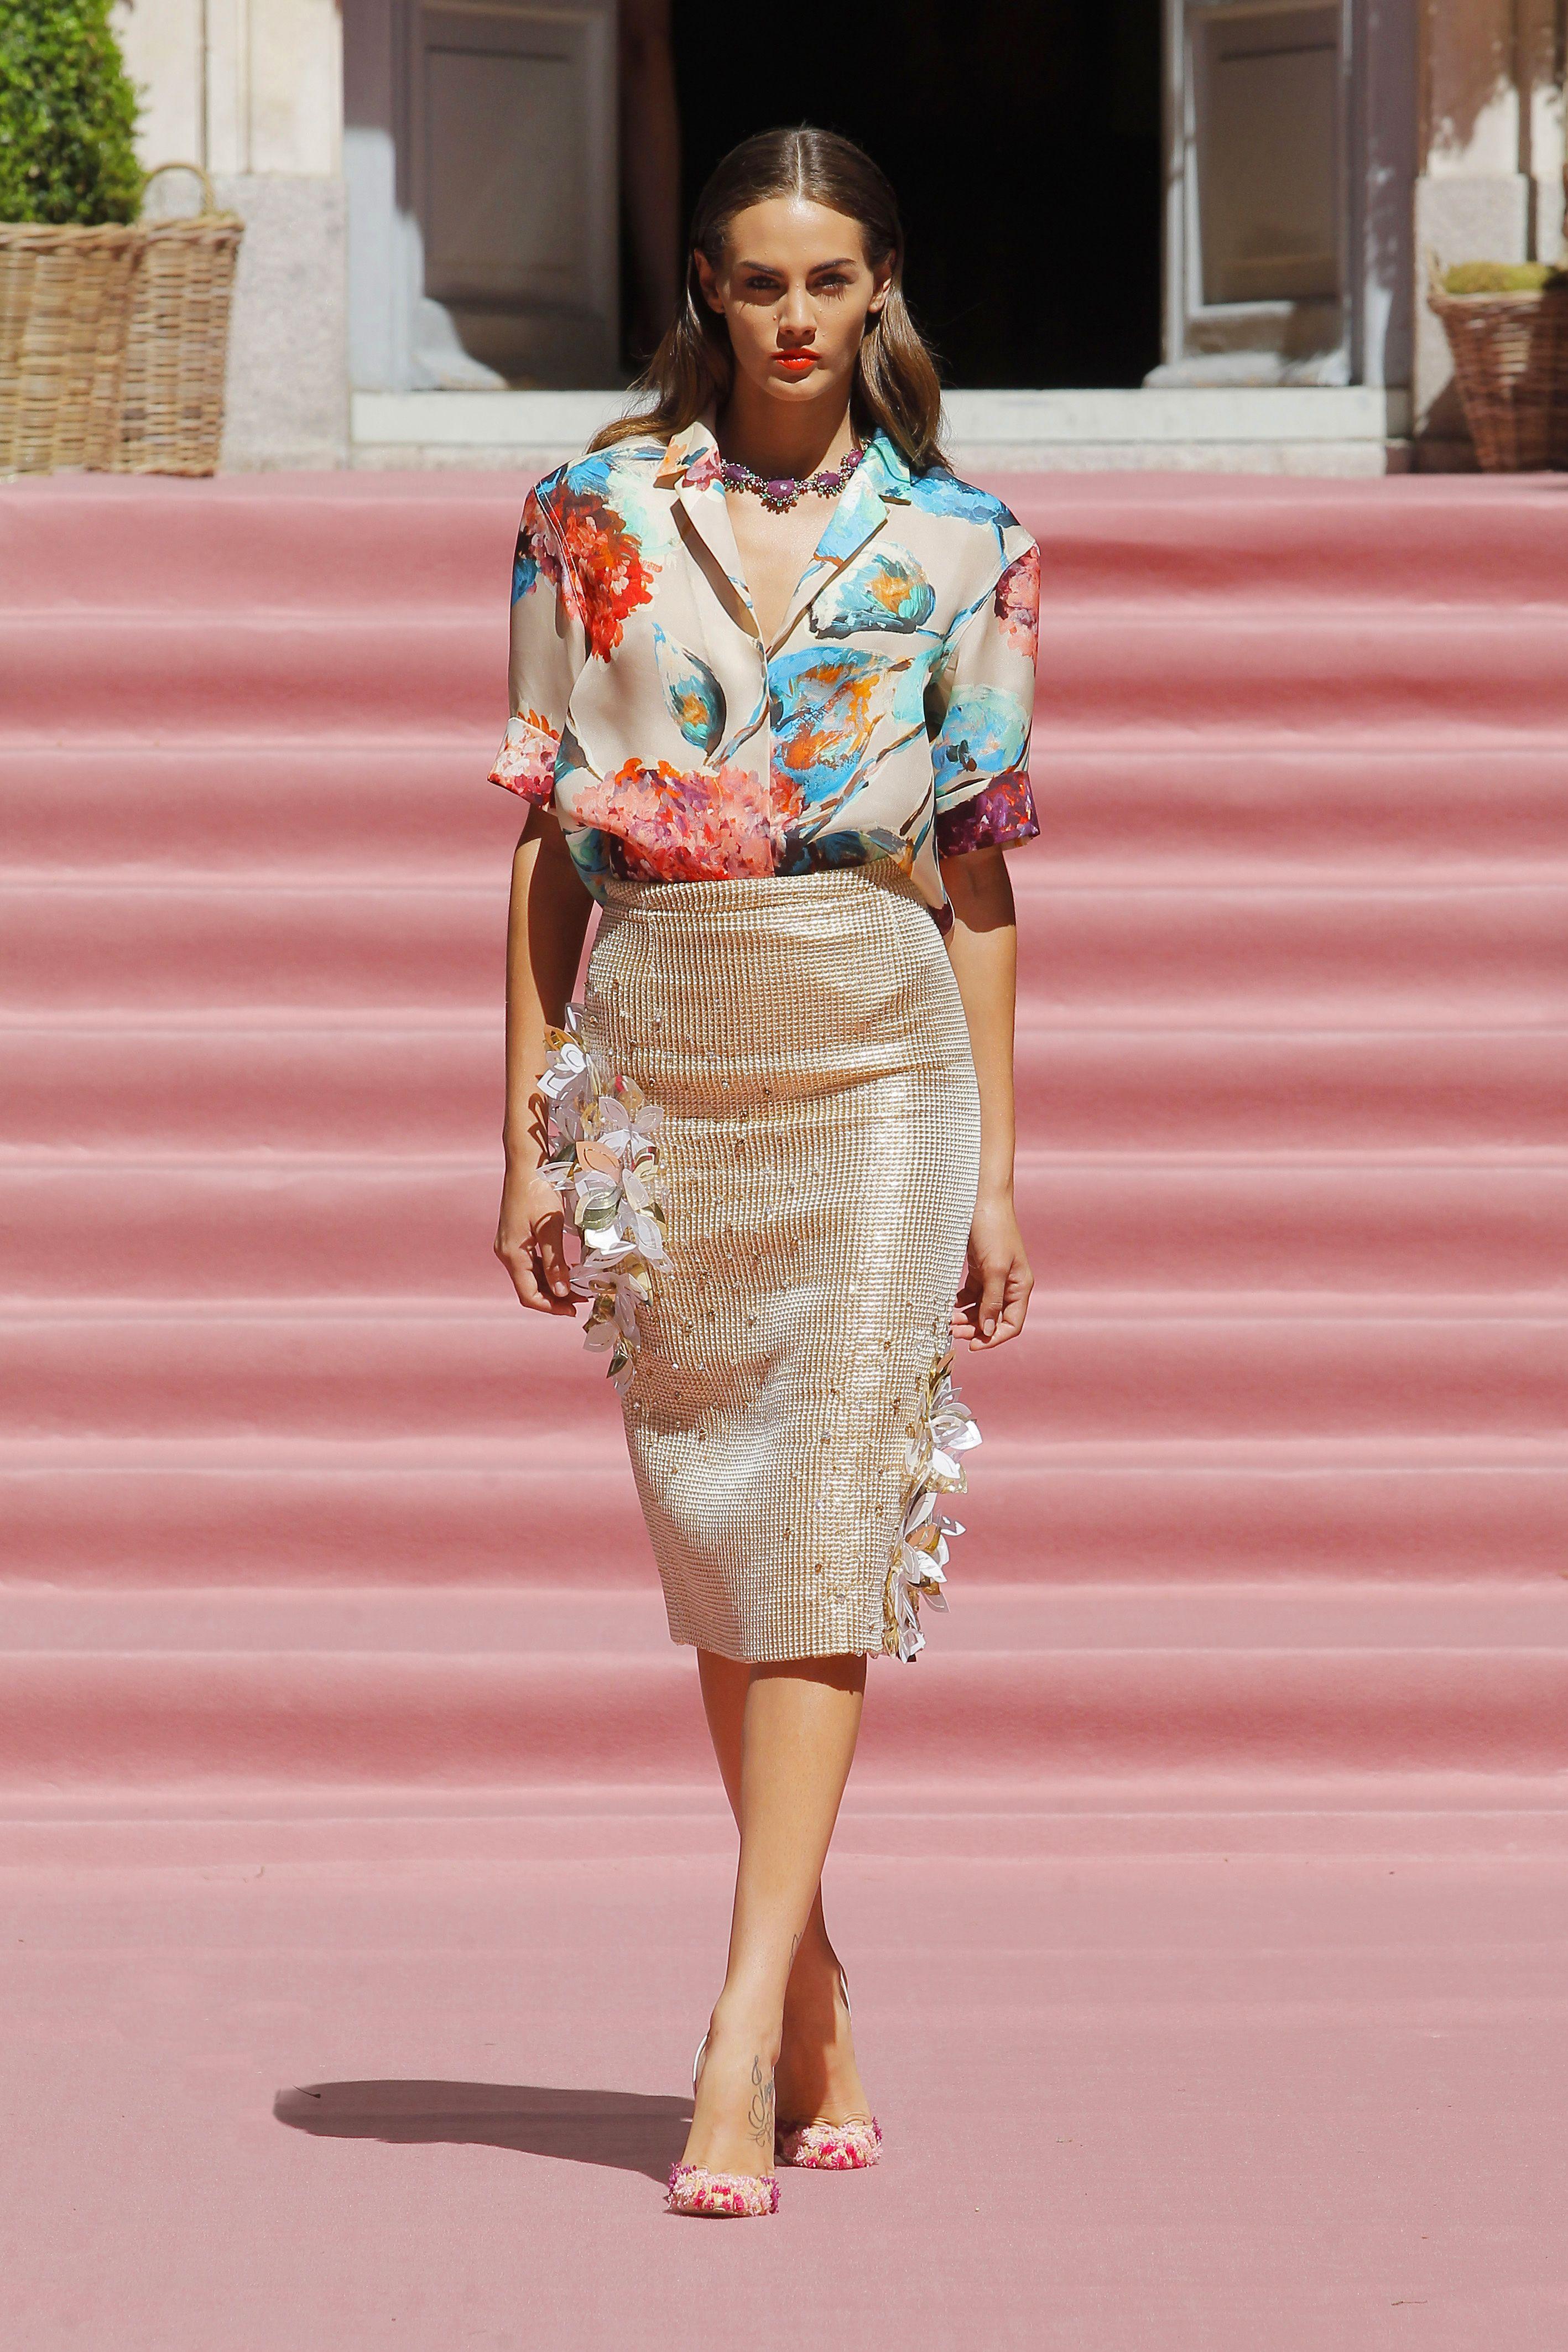 Camisa en gazar conestampado floral - Falda de tubo en algodón ...